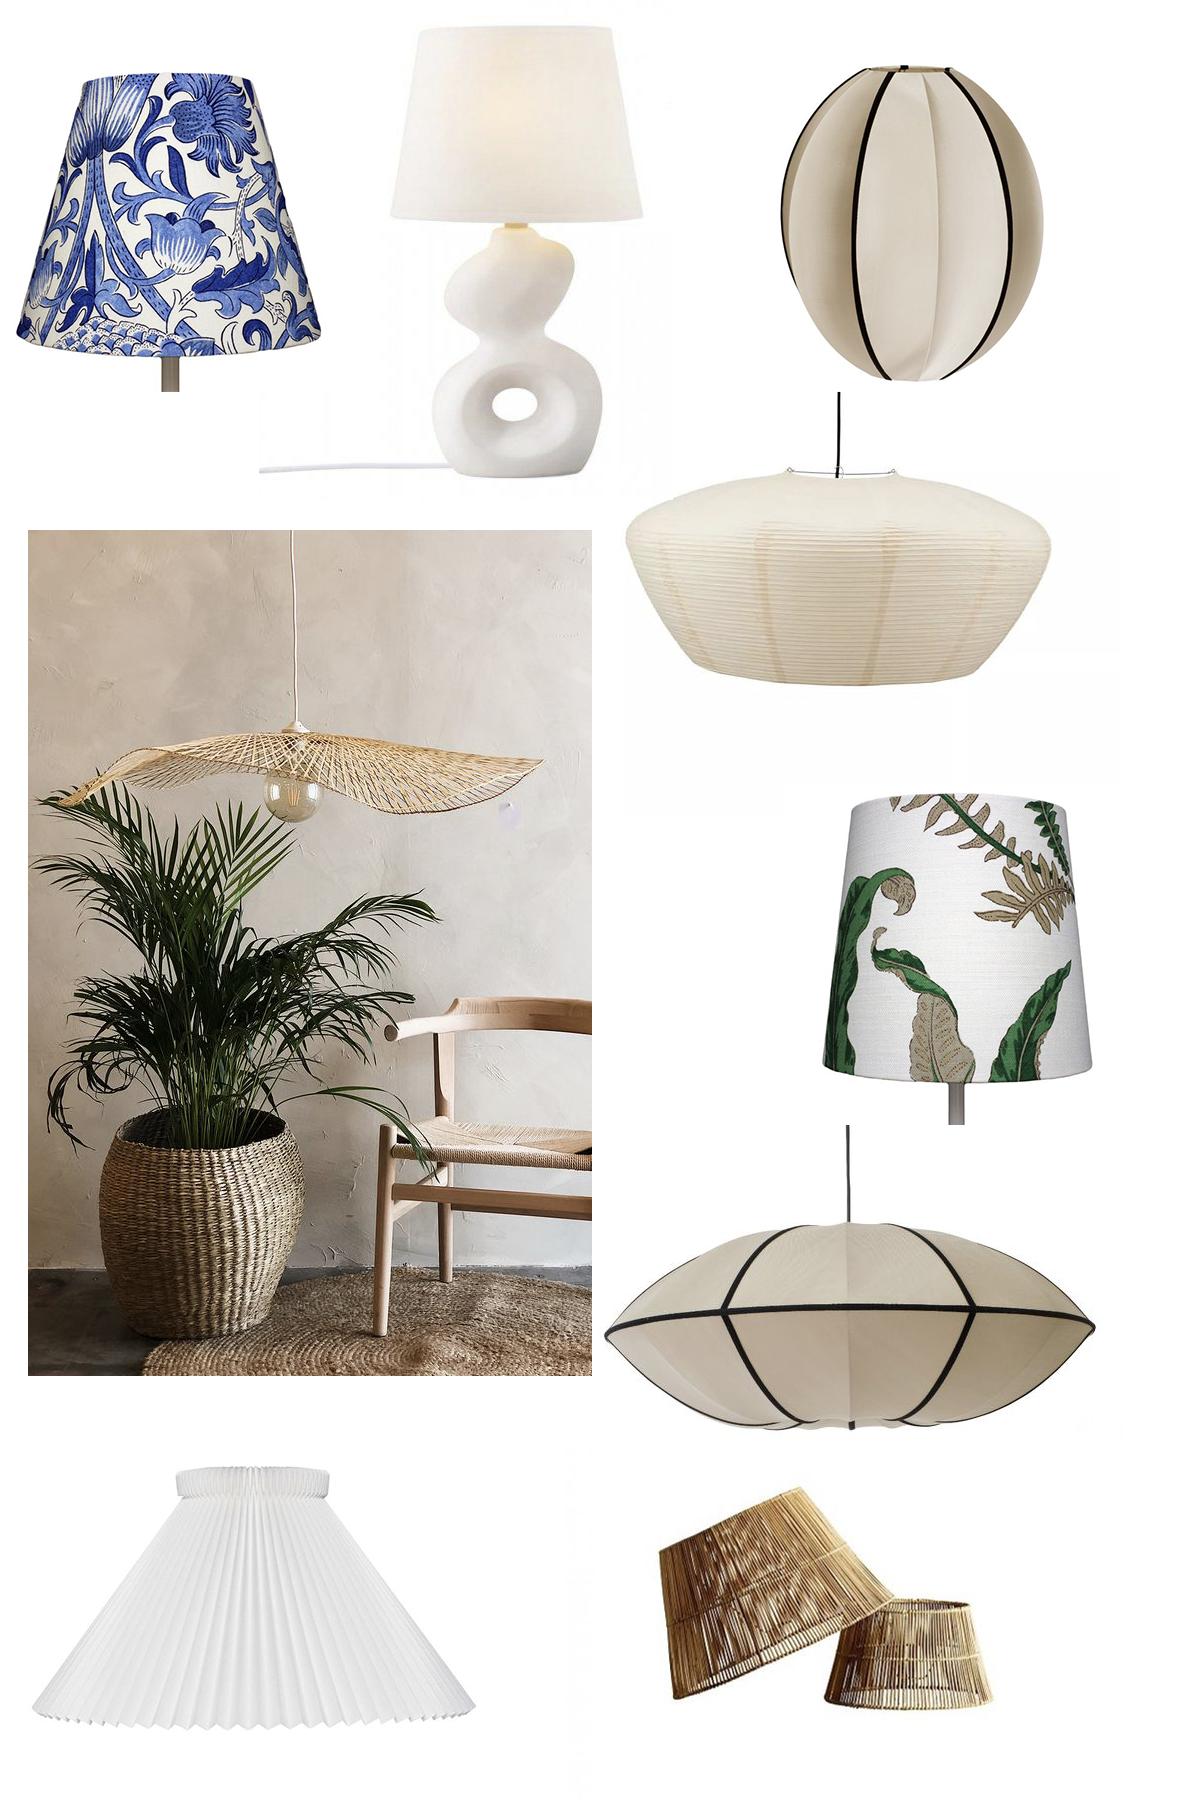 Lampskärmar i linne, rotting, papper och plisserad stil.